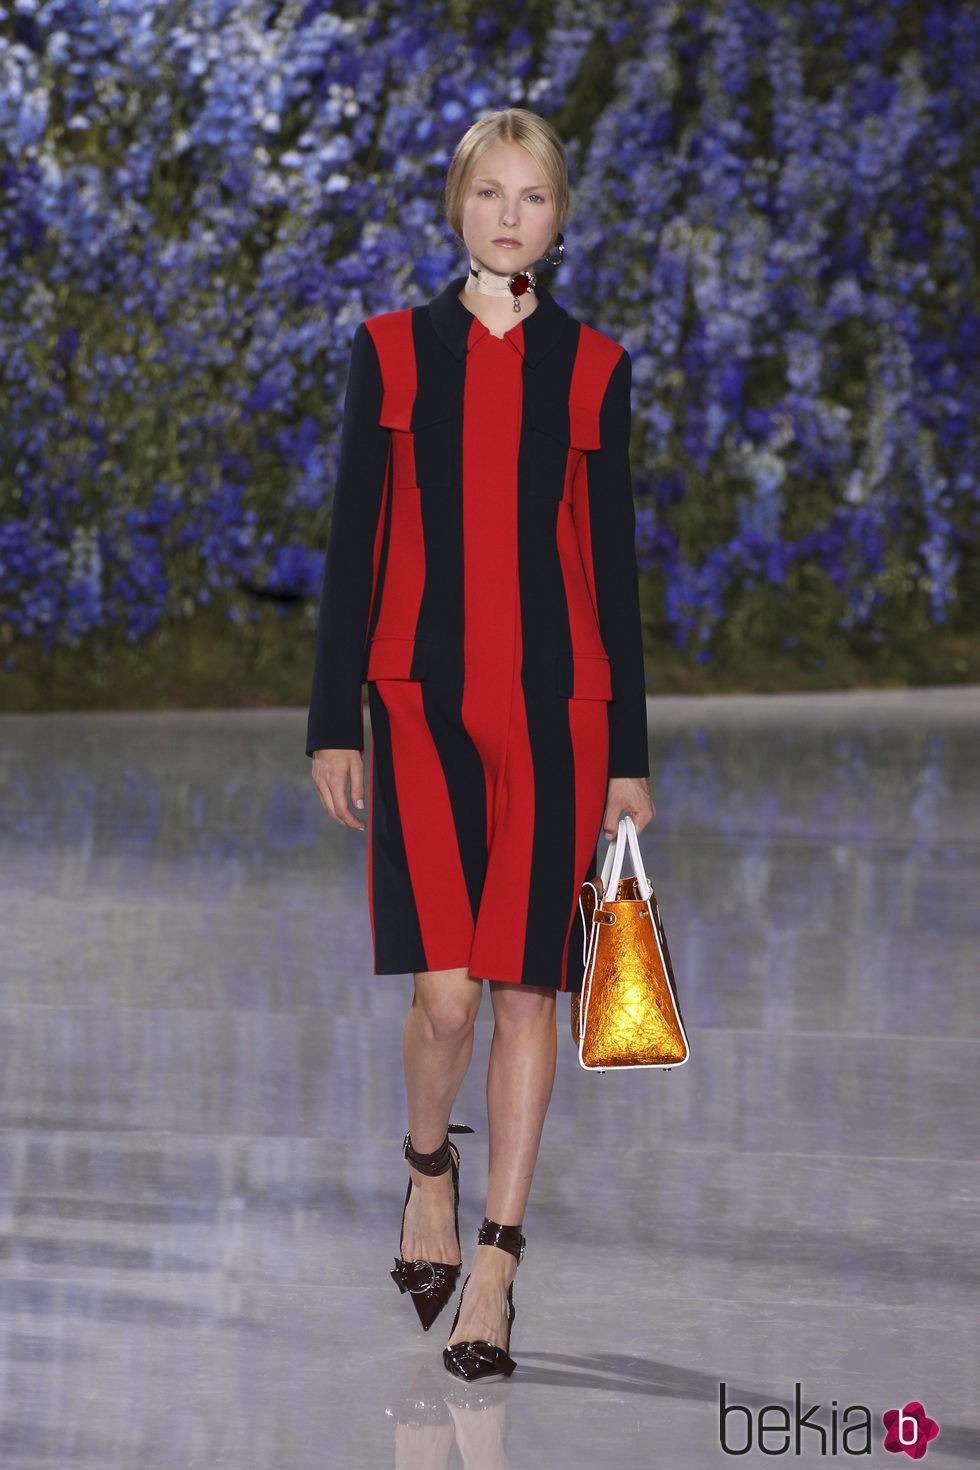 Abrigo de rayas negras y rojas colección primavera/verano 2016 de Dior en Paris Fashion Week